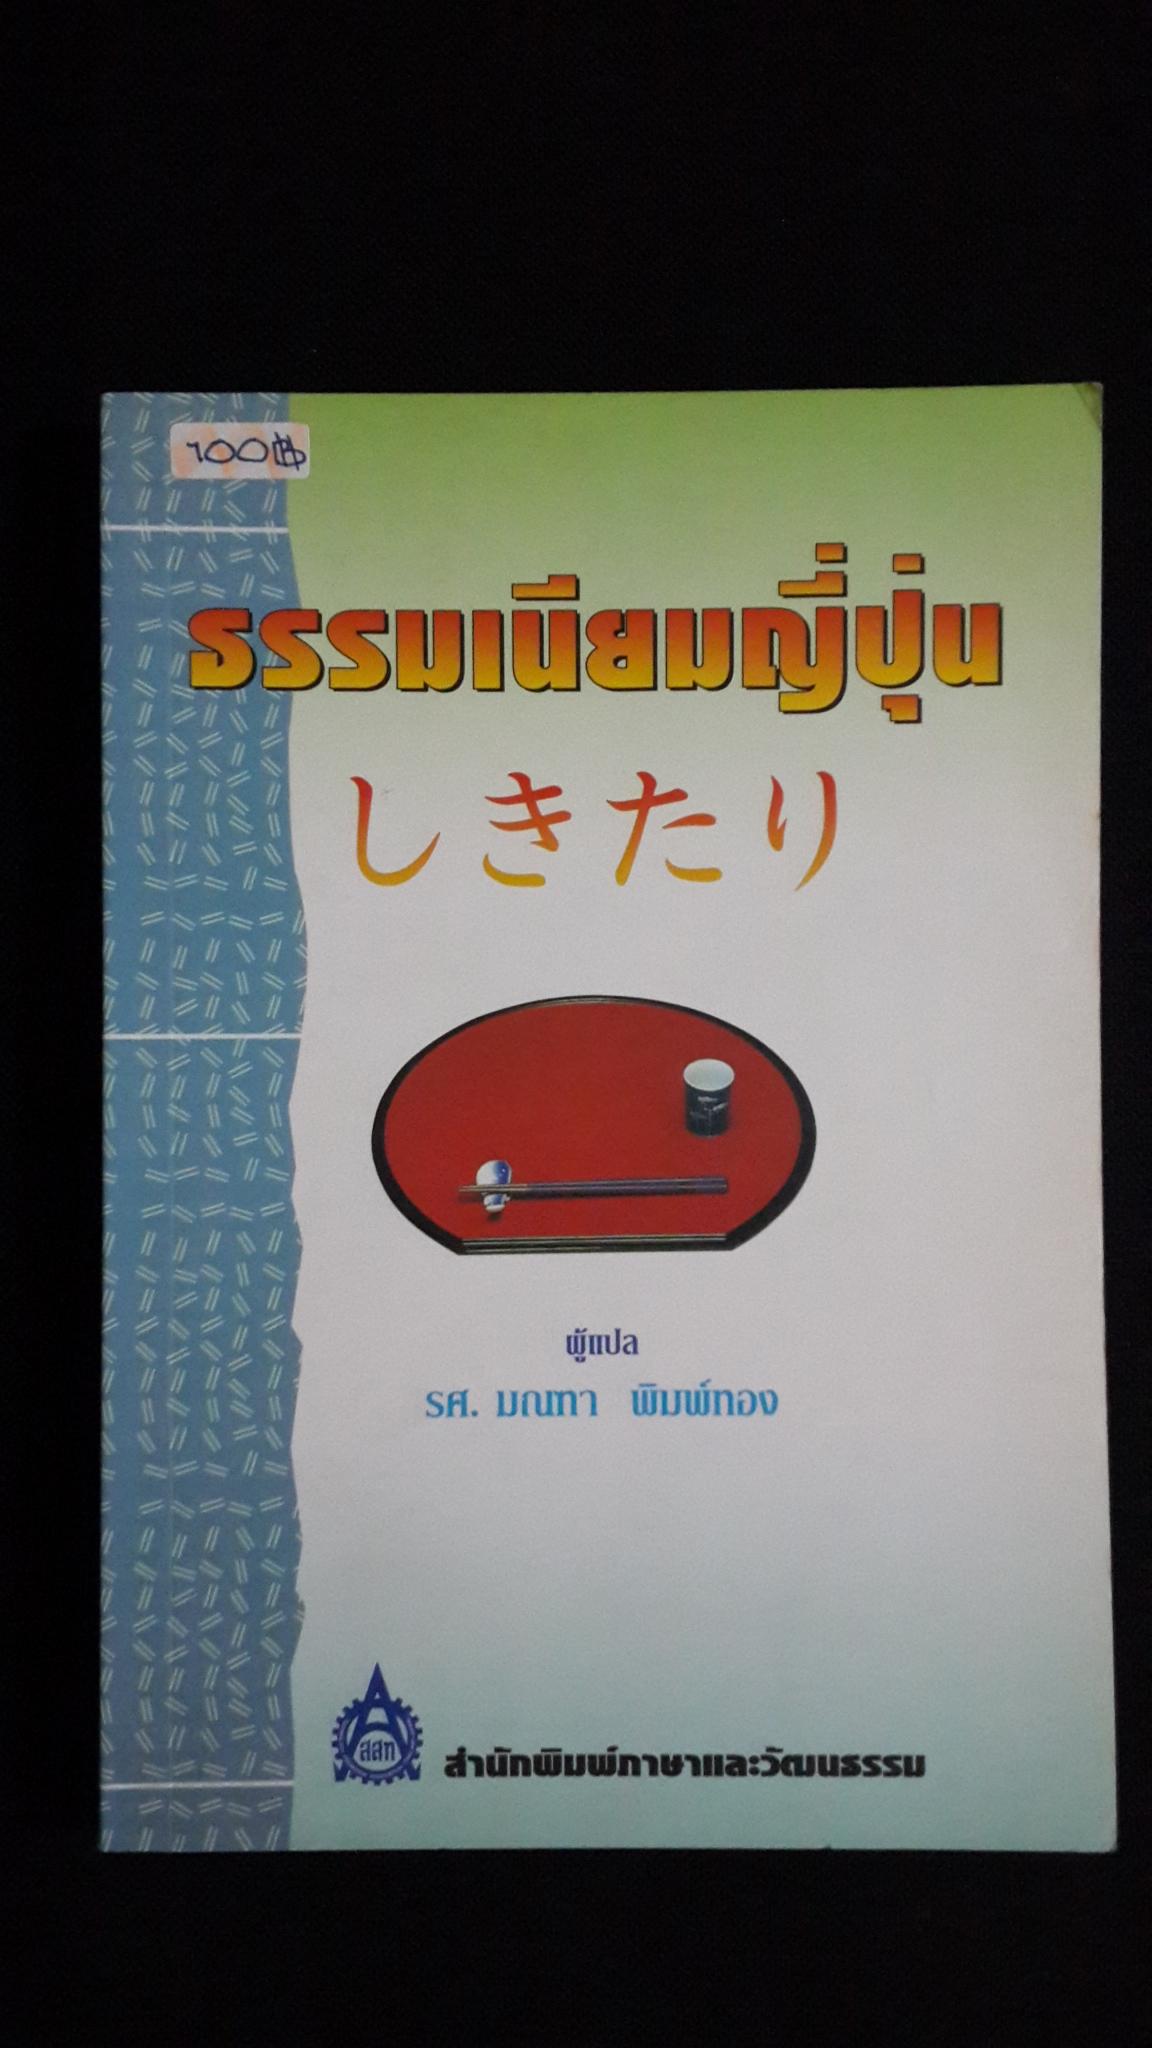 ธรรมเนียมญี่ปุ่น / รศ.มณฑา พิมพ์ทอง แปล